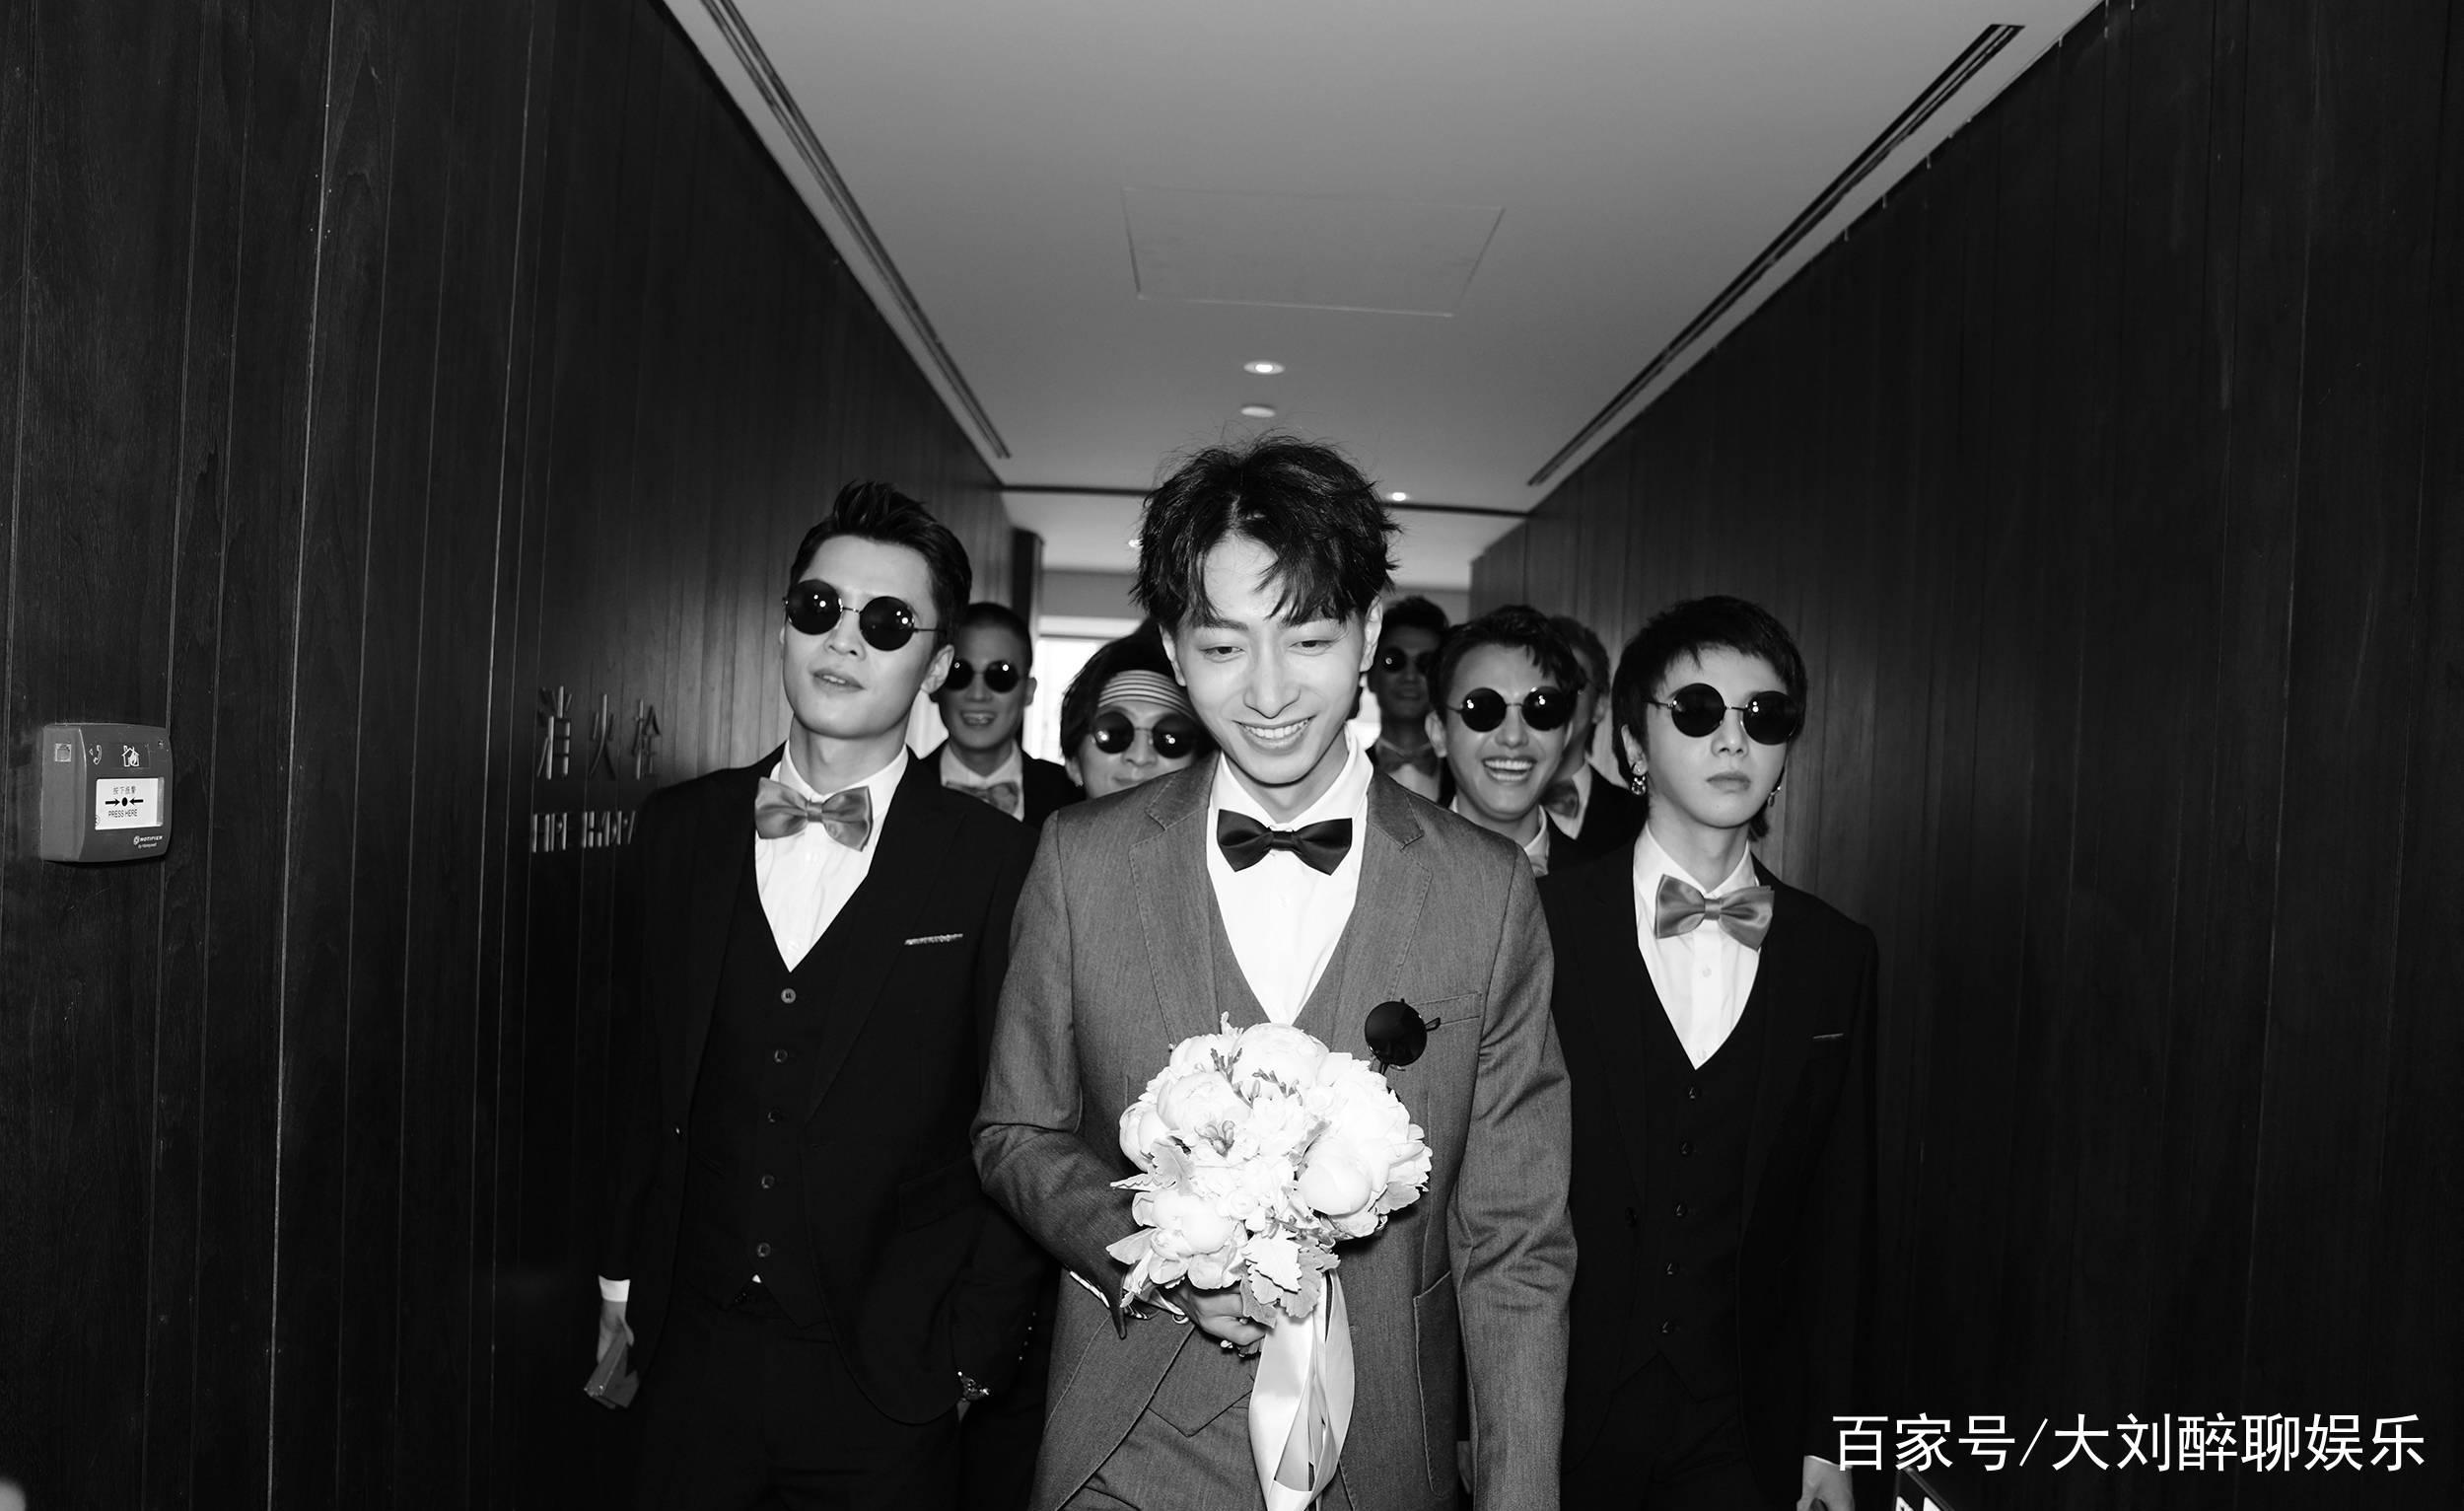 快男左立结婚与熊小玥结婚,伴郎团竟是他们,网友们表示太幸福!